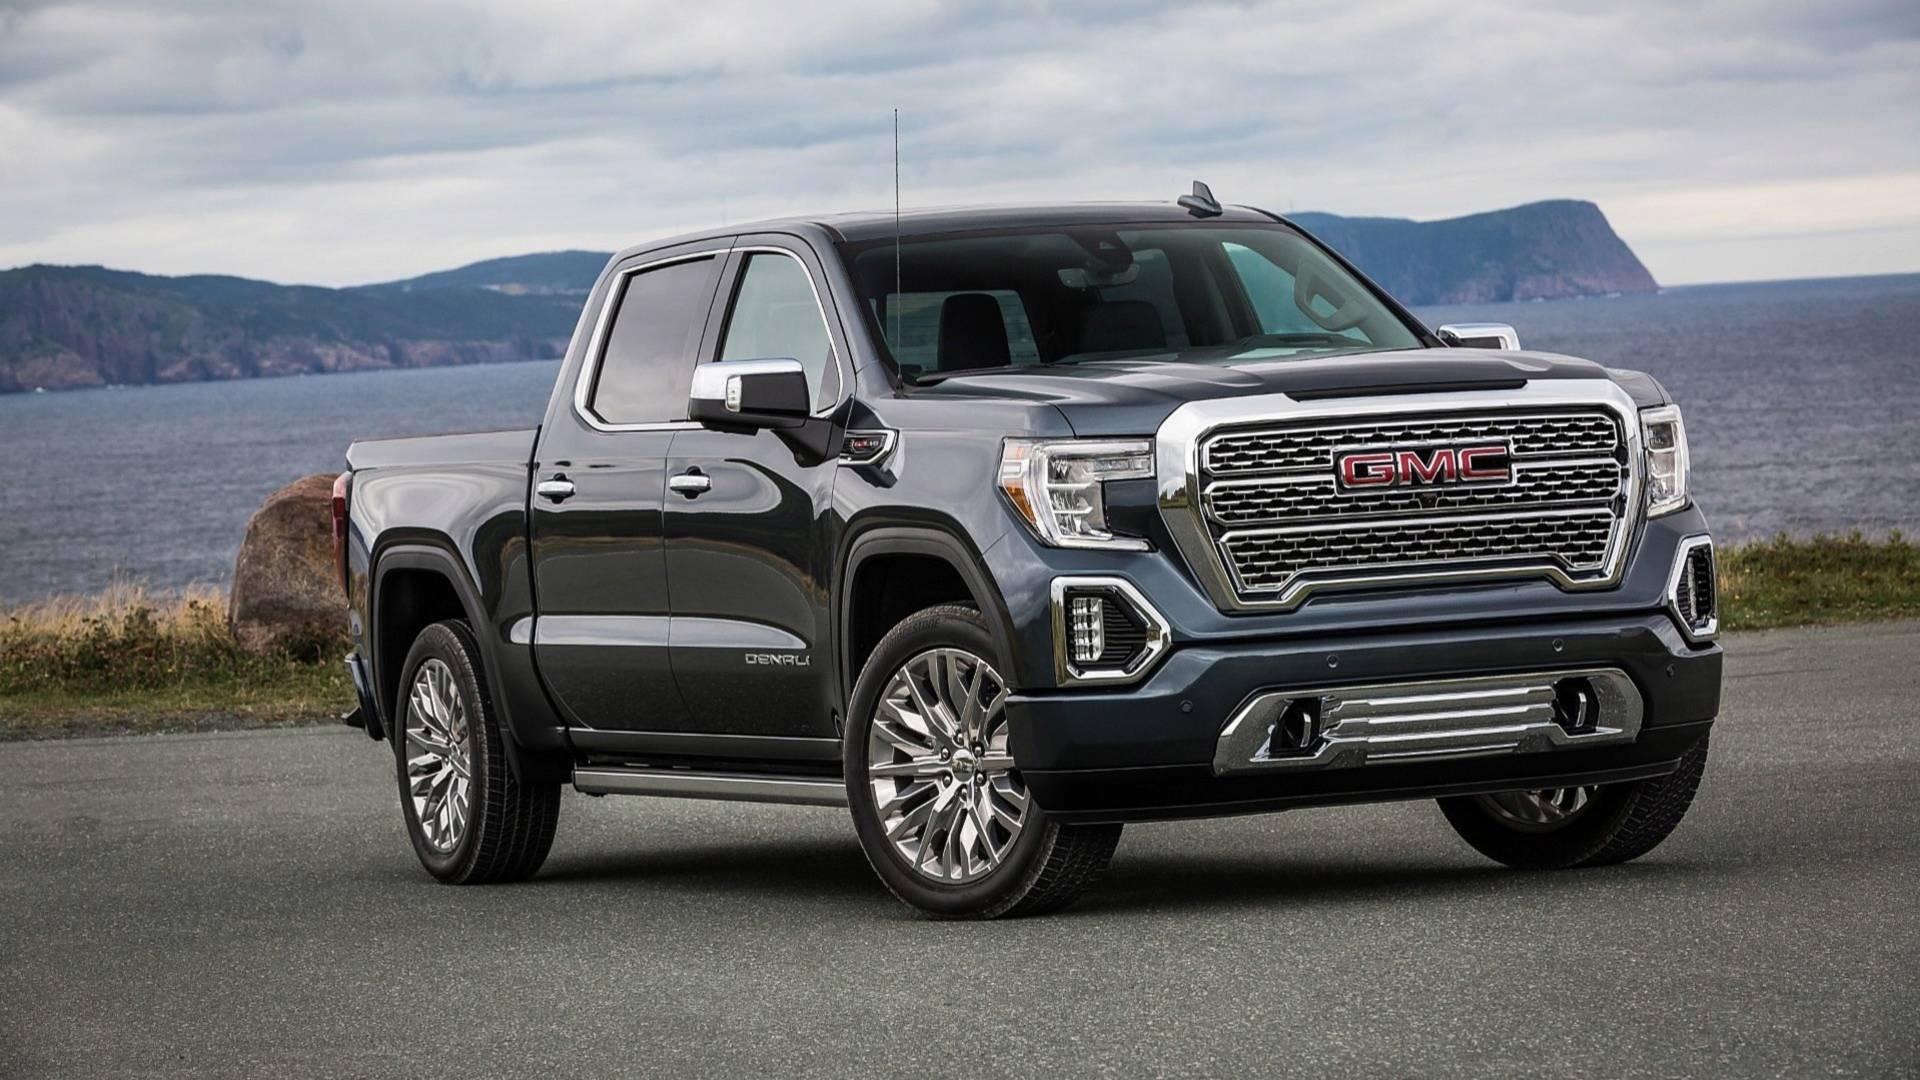 Top 10 mẫu xe bán chạy nhất nước Mỹ năm 2020 - Ảnh 2.